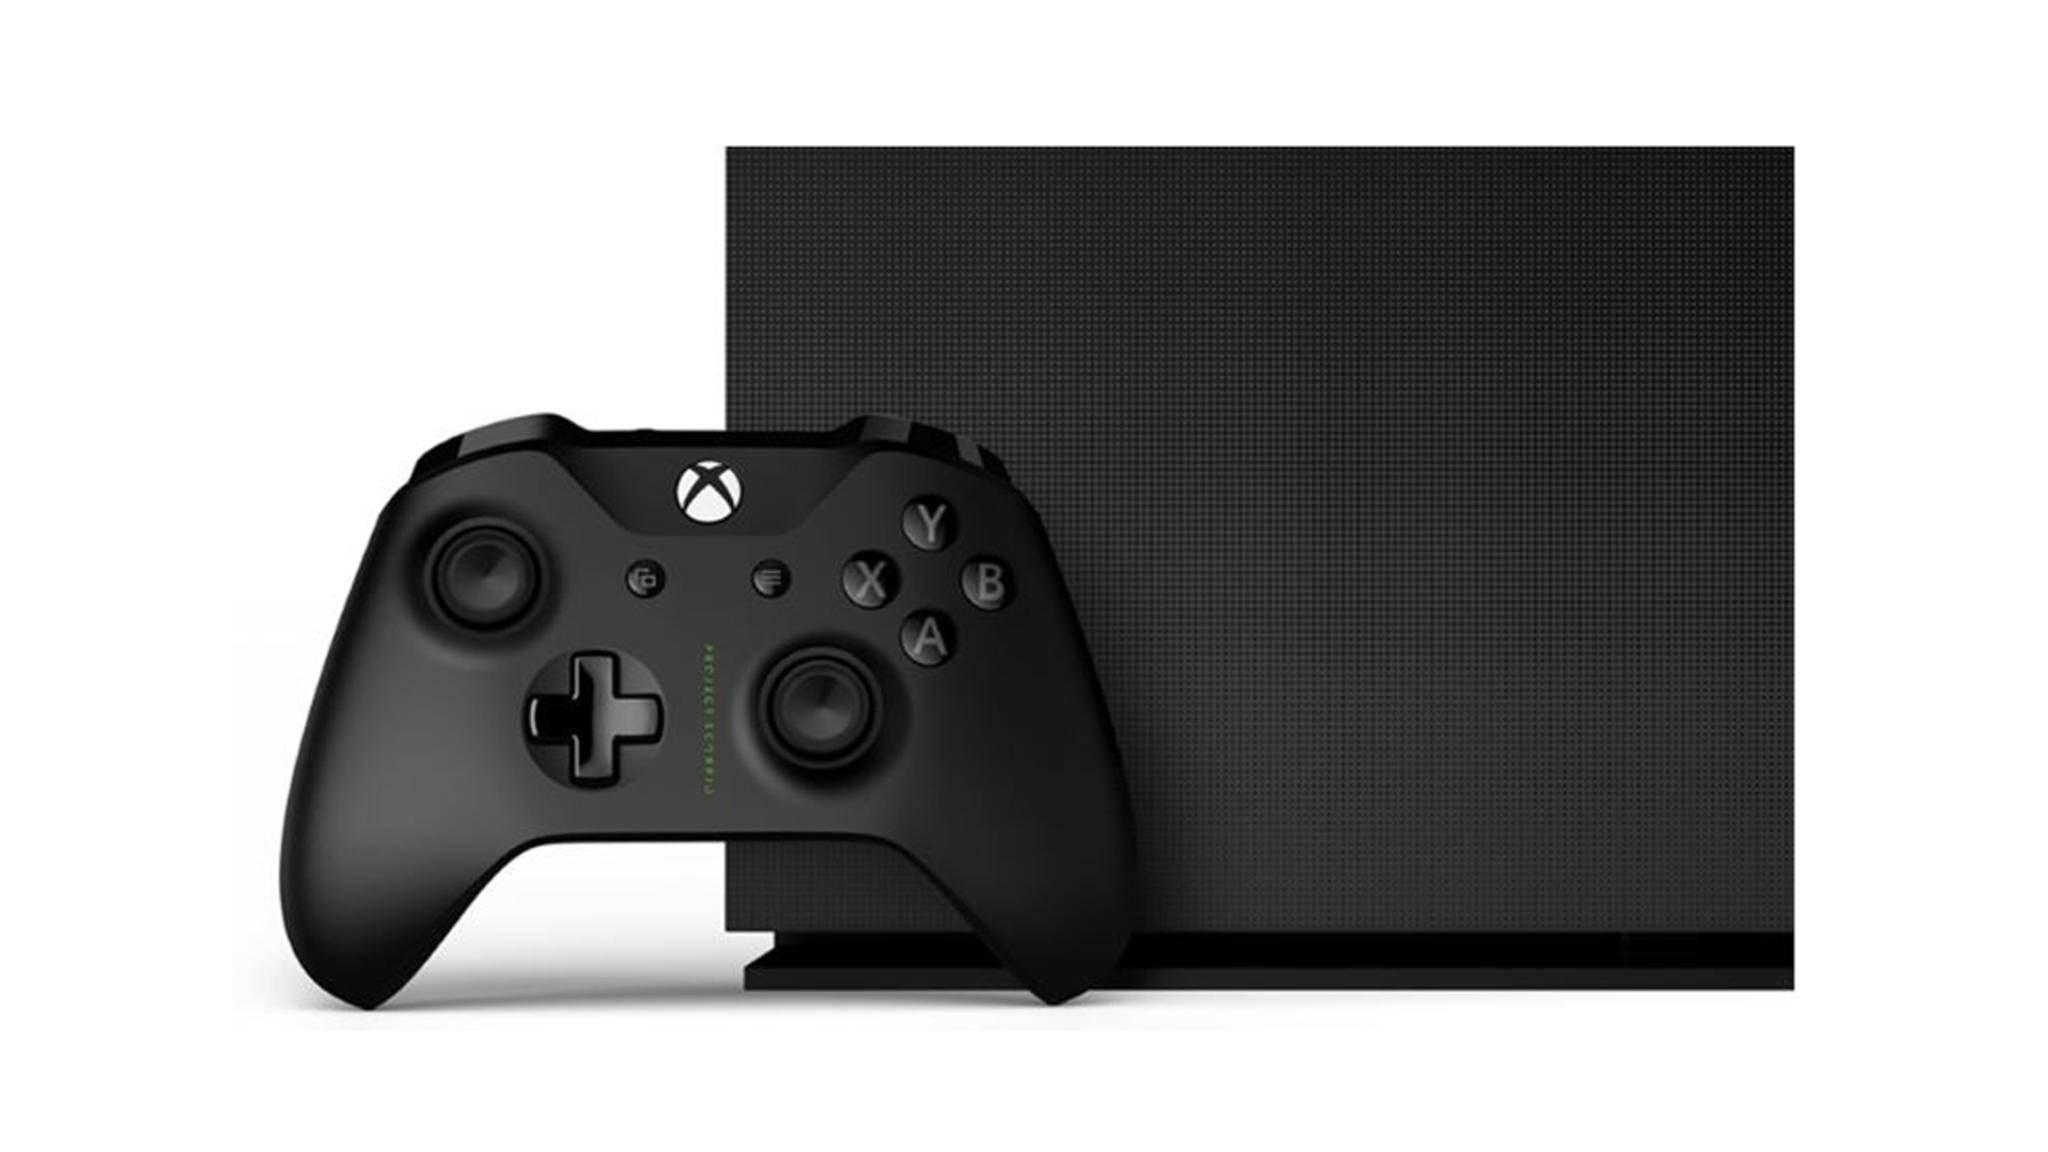 Neue Konsole ohne neue Games? Mitnichten! Microsoft will für die Xbox One X liefern.